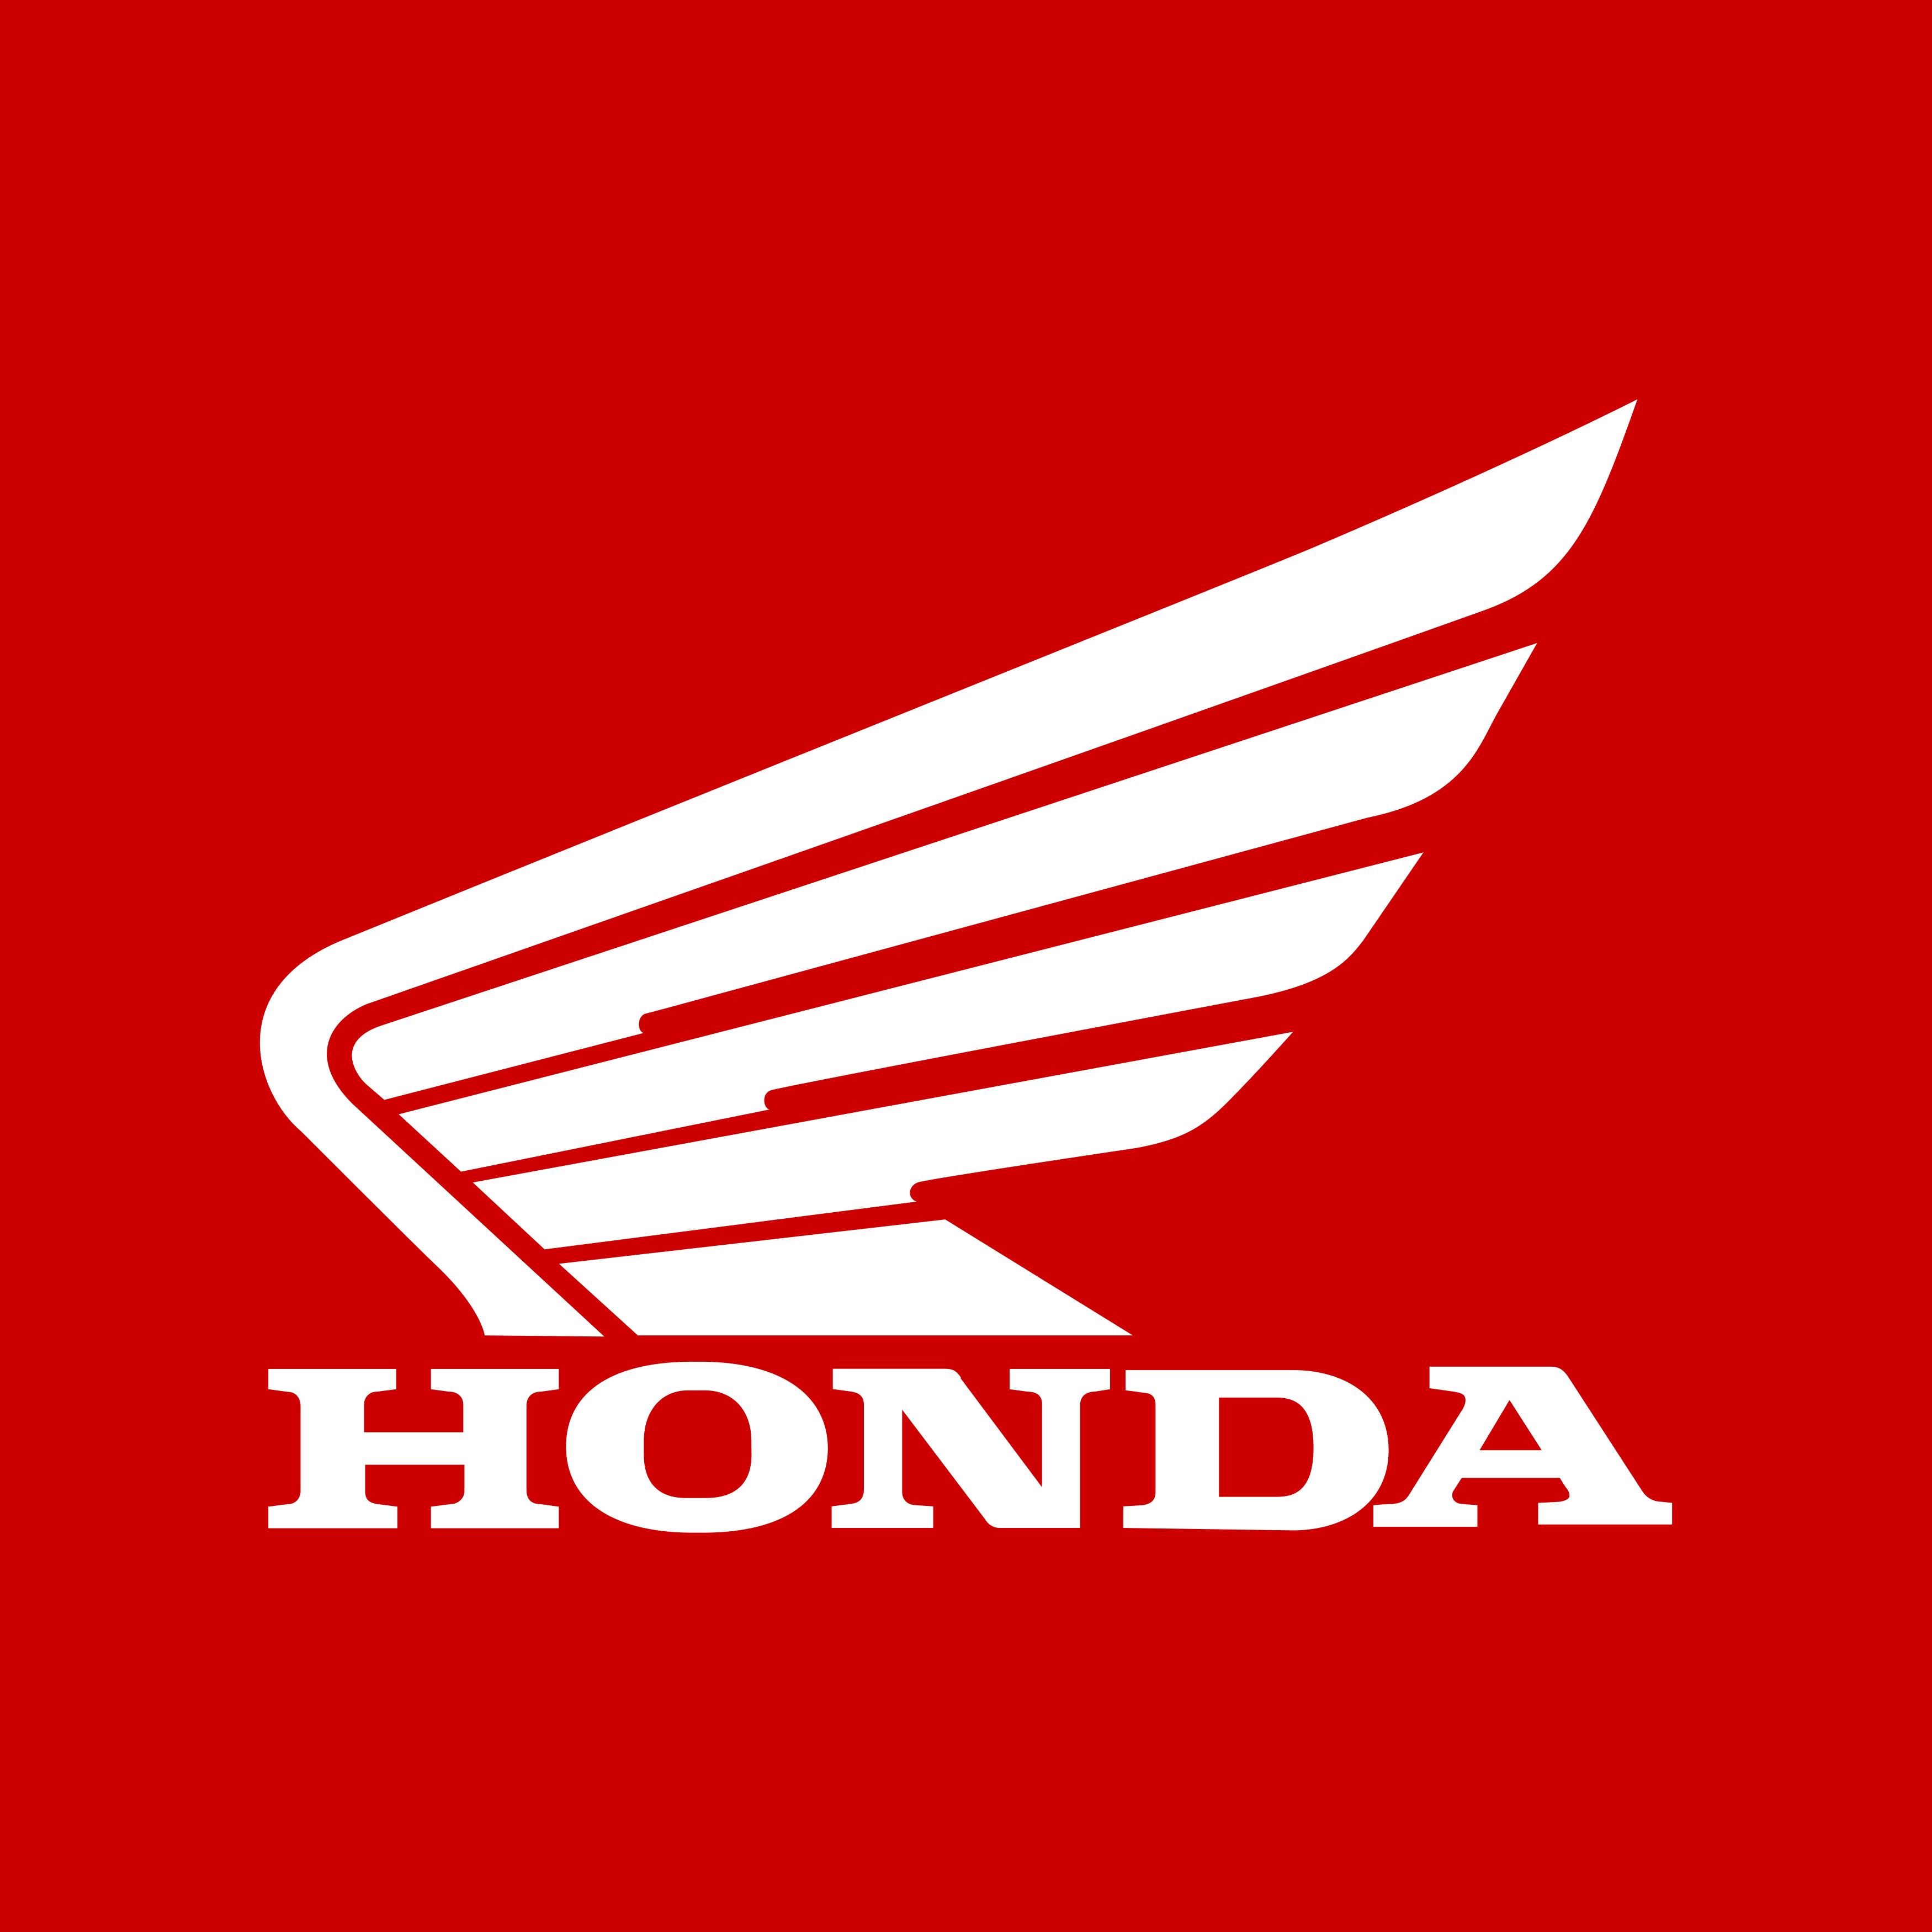 honda motos logo 01 - Honda Motos Logo